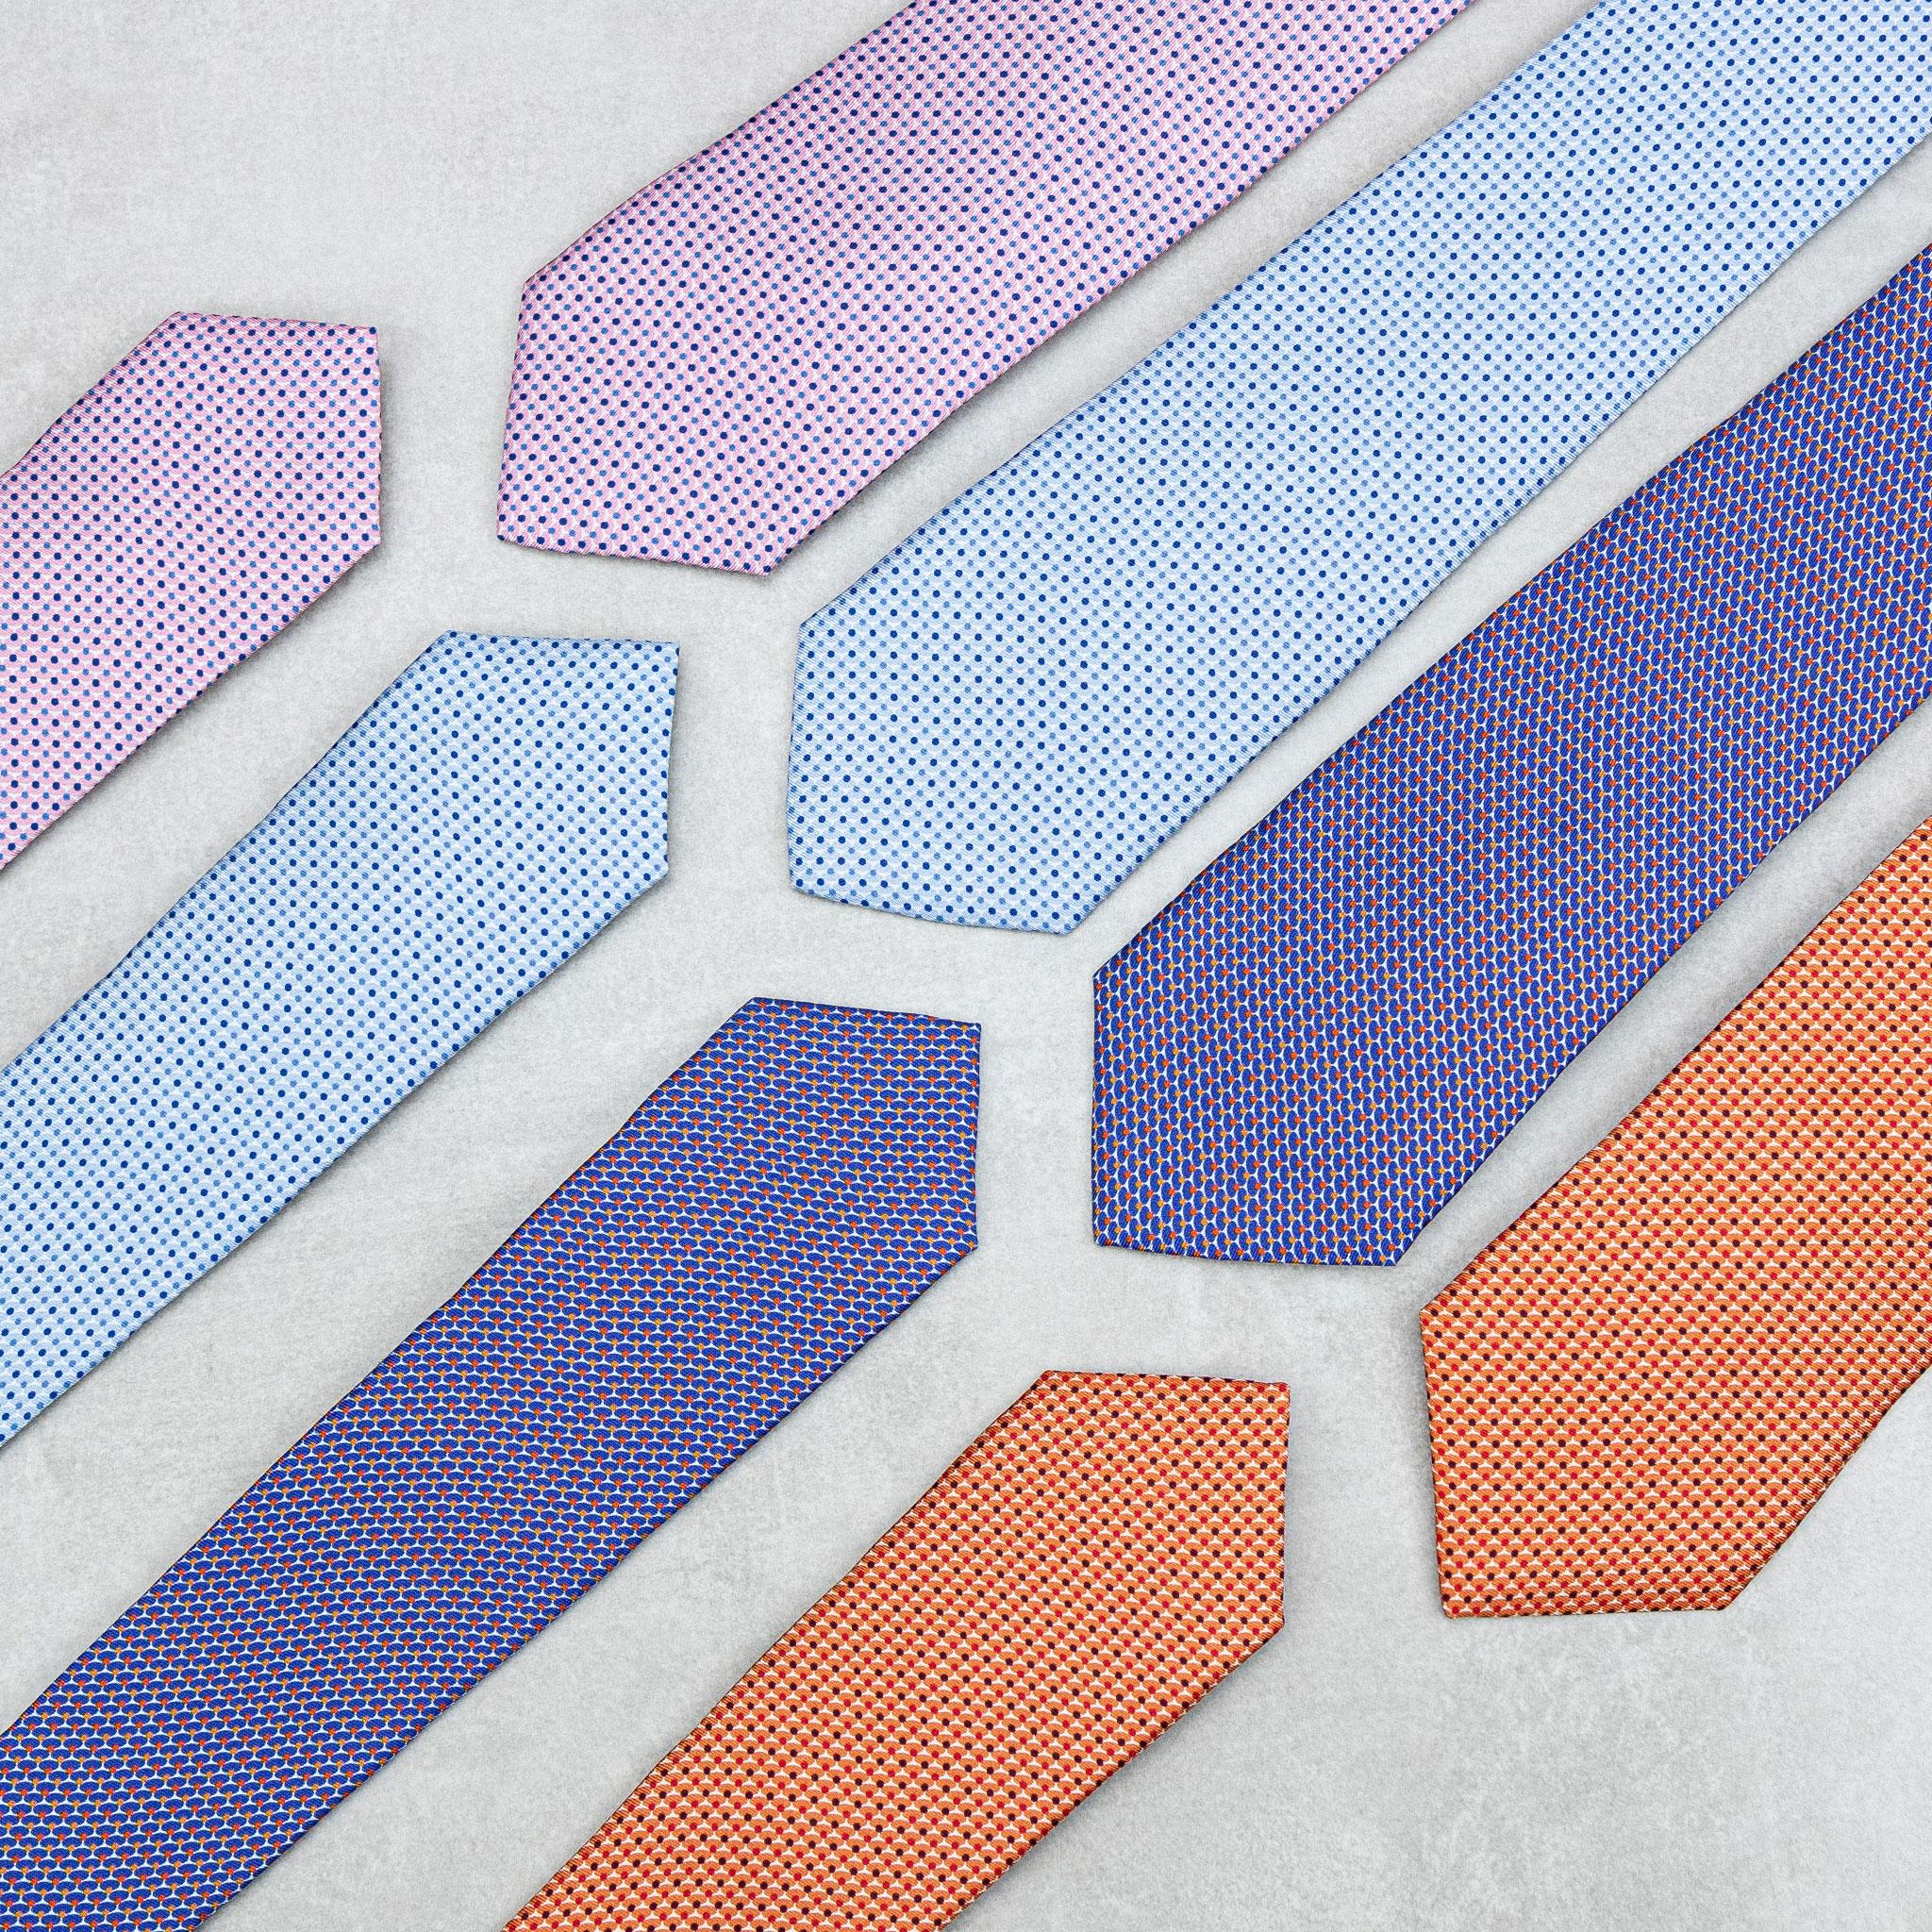 Gravata slim x gravata regular